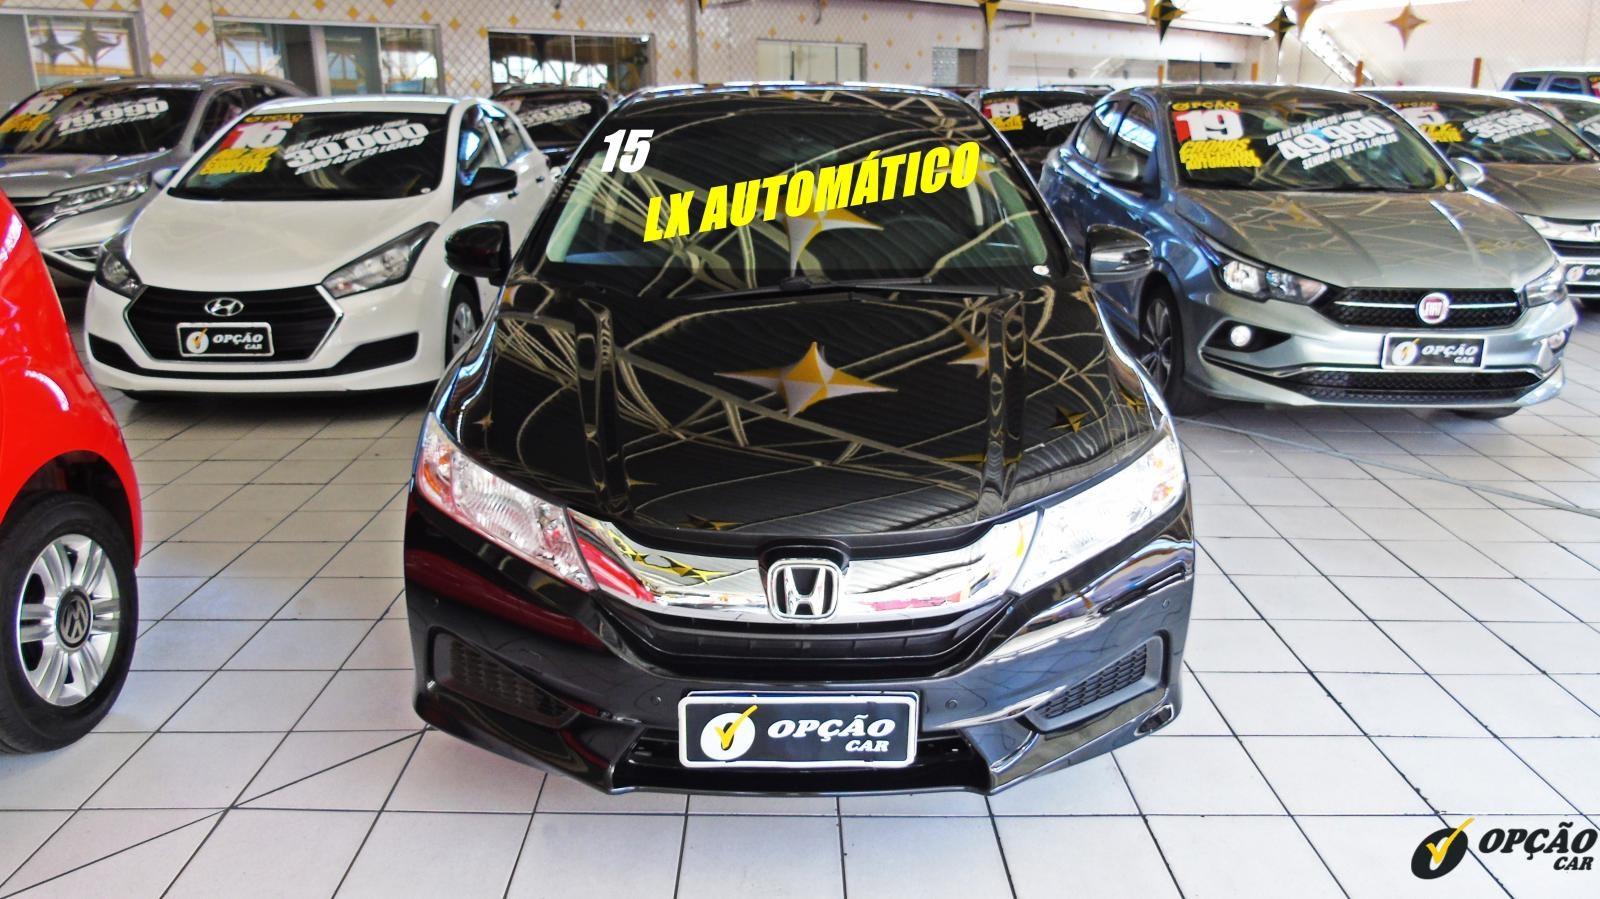 //www.autoline.com.br/carro/honda/city-15-dx-16v-flex-4p-manual/2015/sao-paulo-sp/14542493